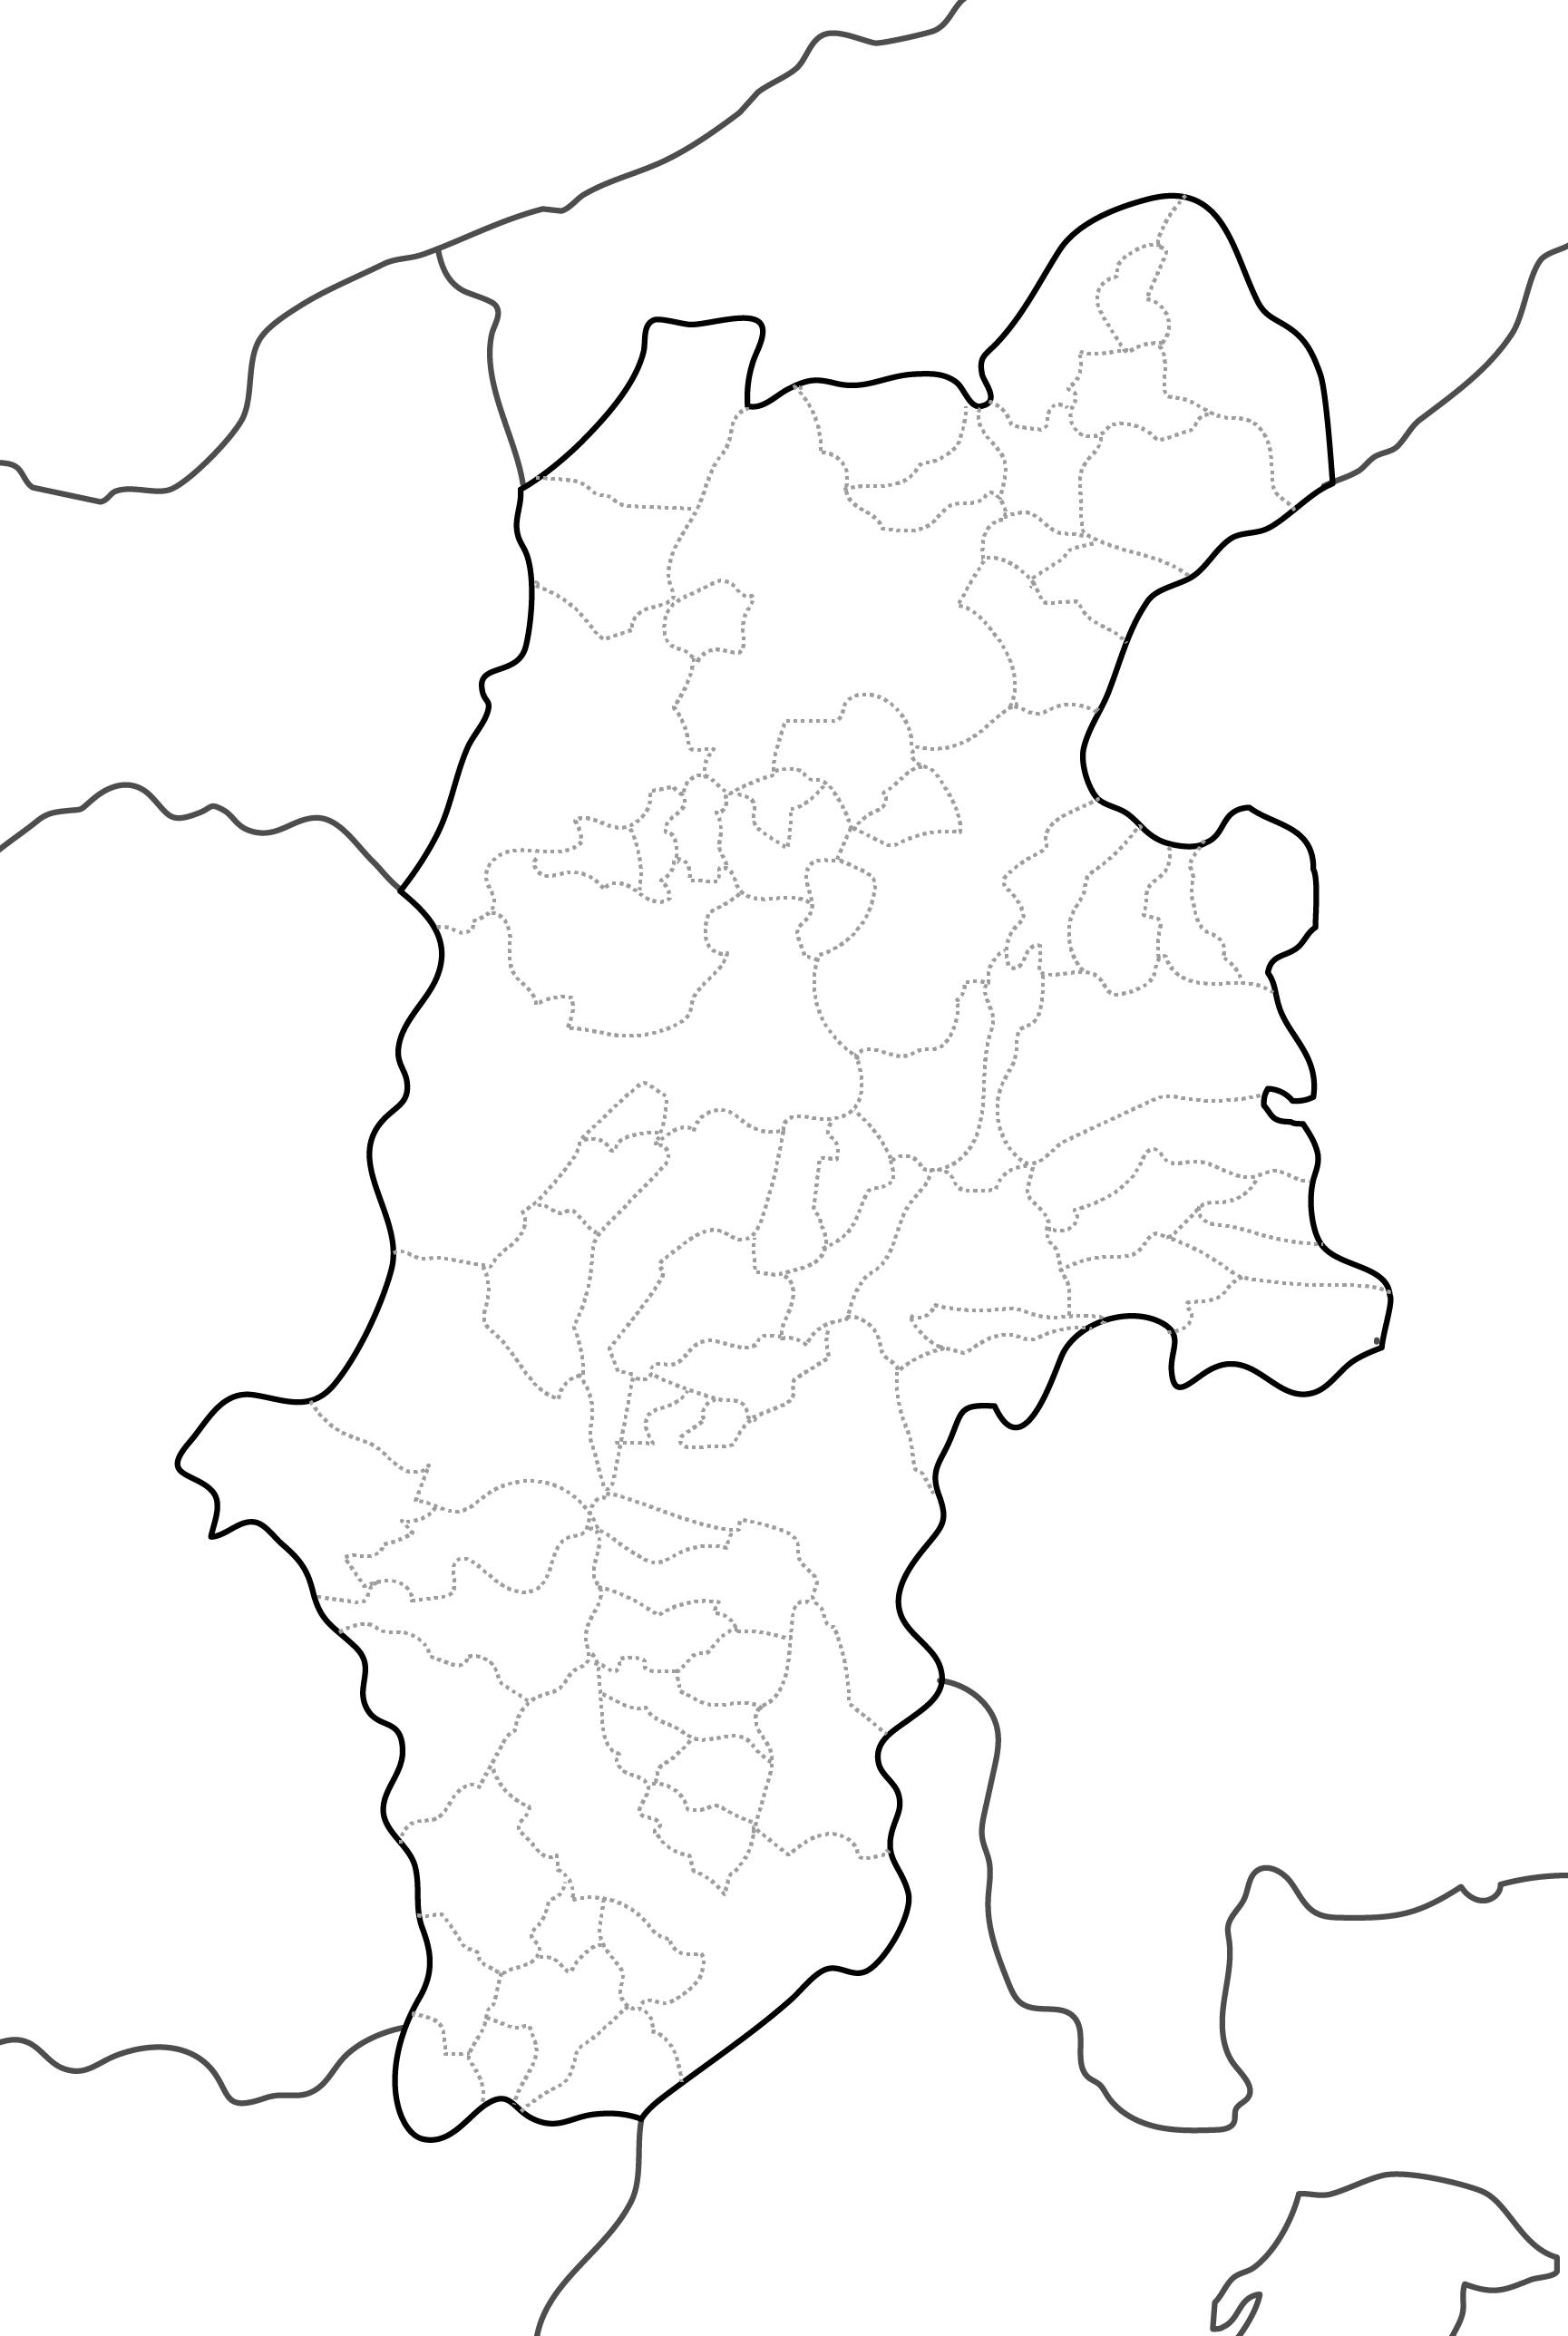 [白地図]長野県・ラインあり・市区町村名なし・隣県なし